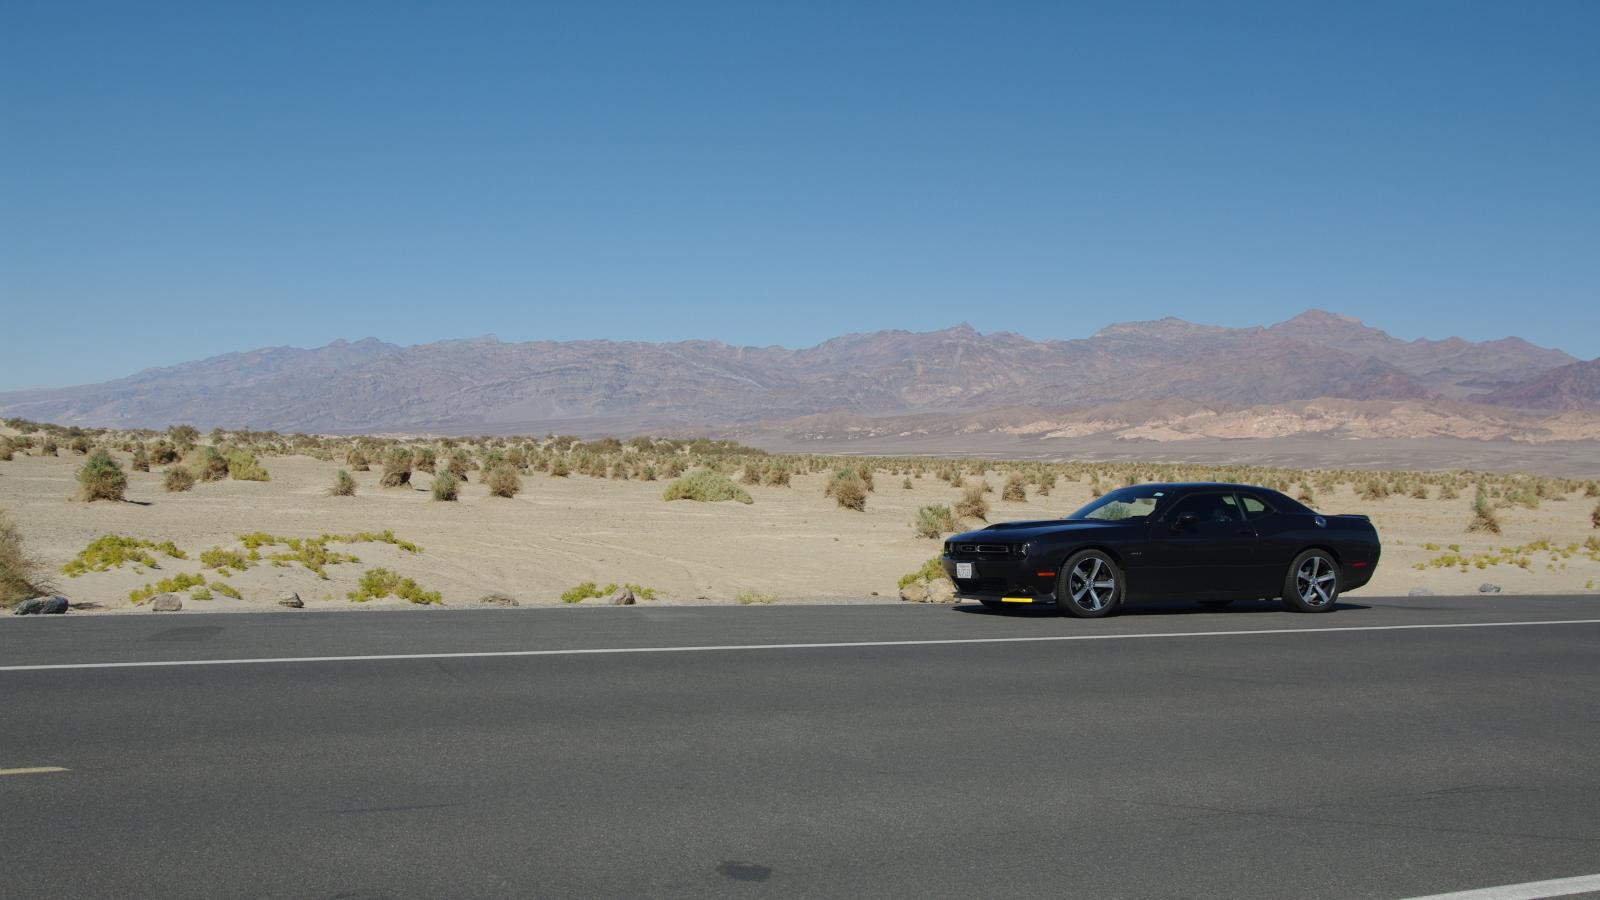 Road Trip / Ouest des USA en Challenger de location -Part II Imgpk247